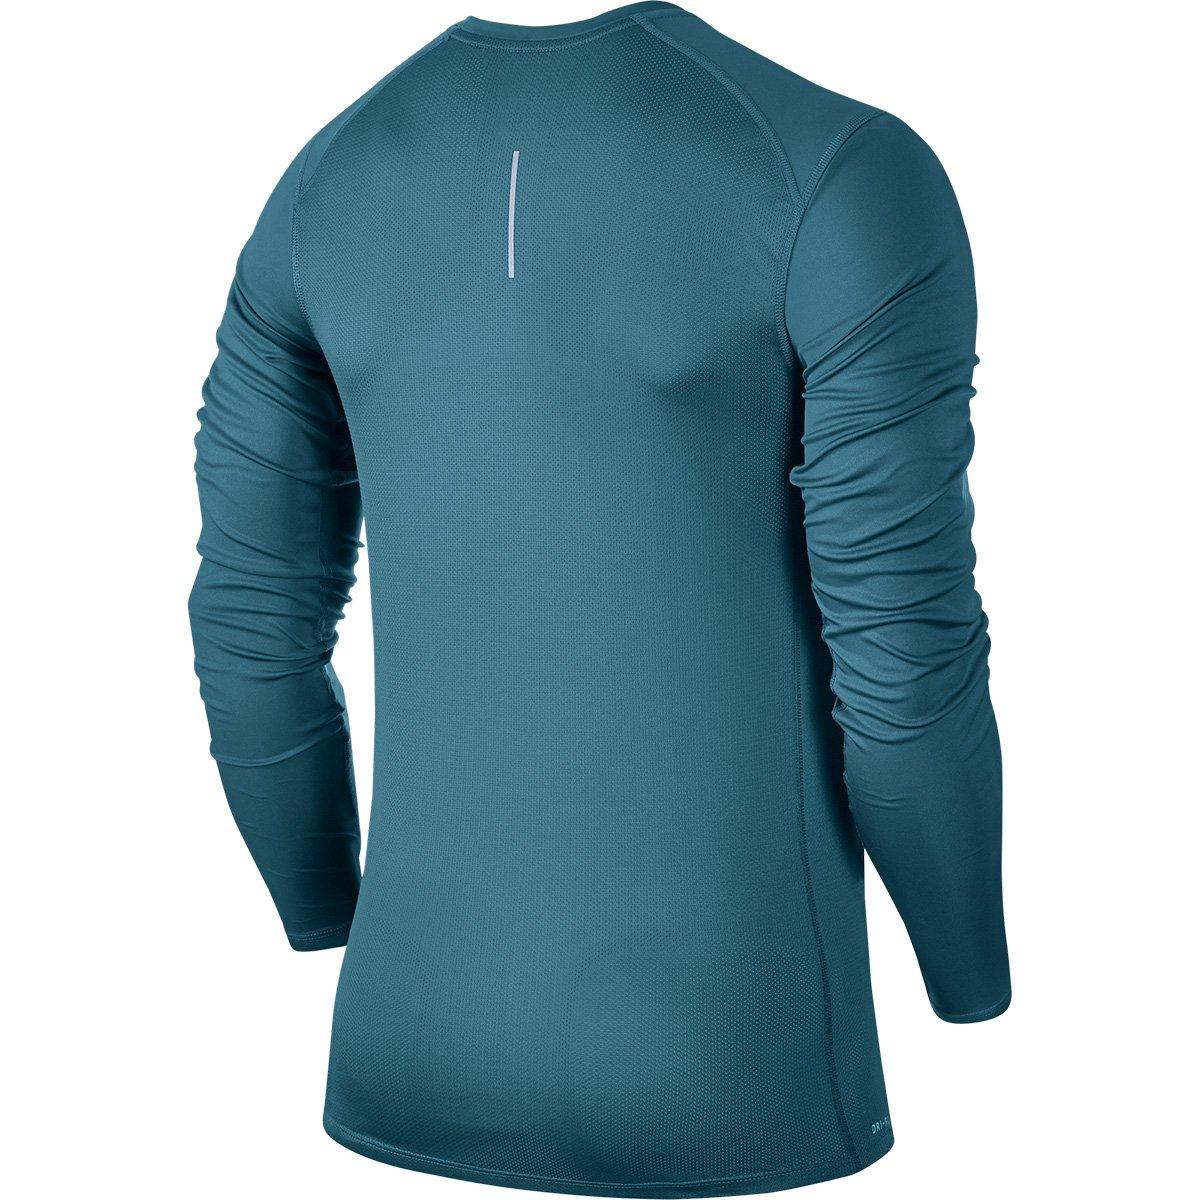 3162d71ec5 Camiseta Nike Dri-Fit Miler Manga Longa Masculina - Verde água ...